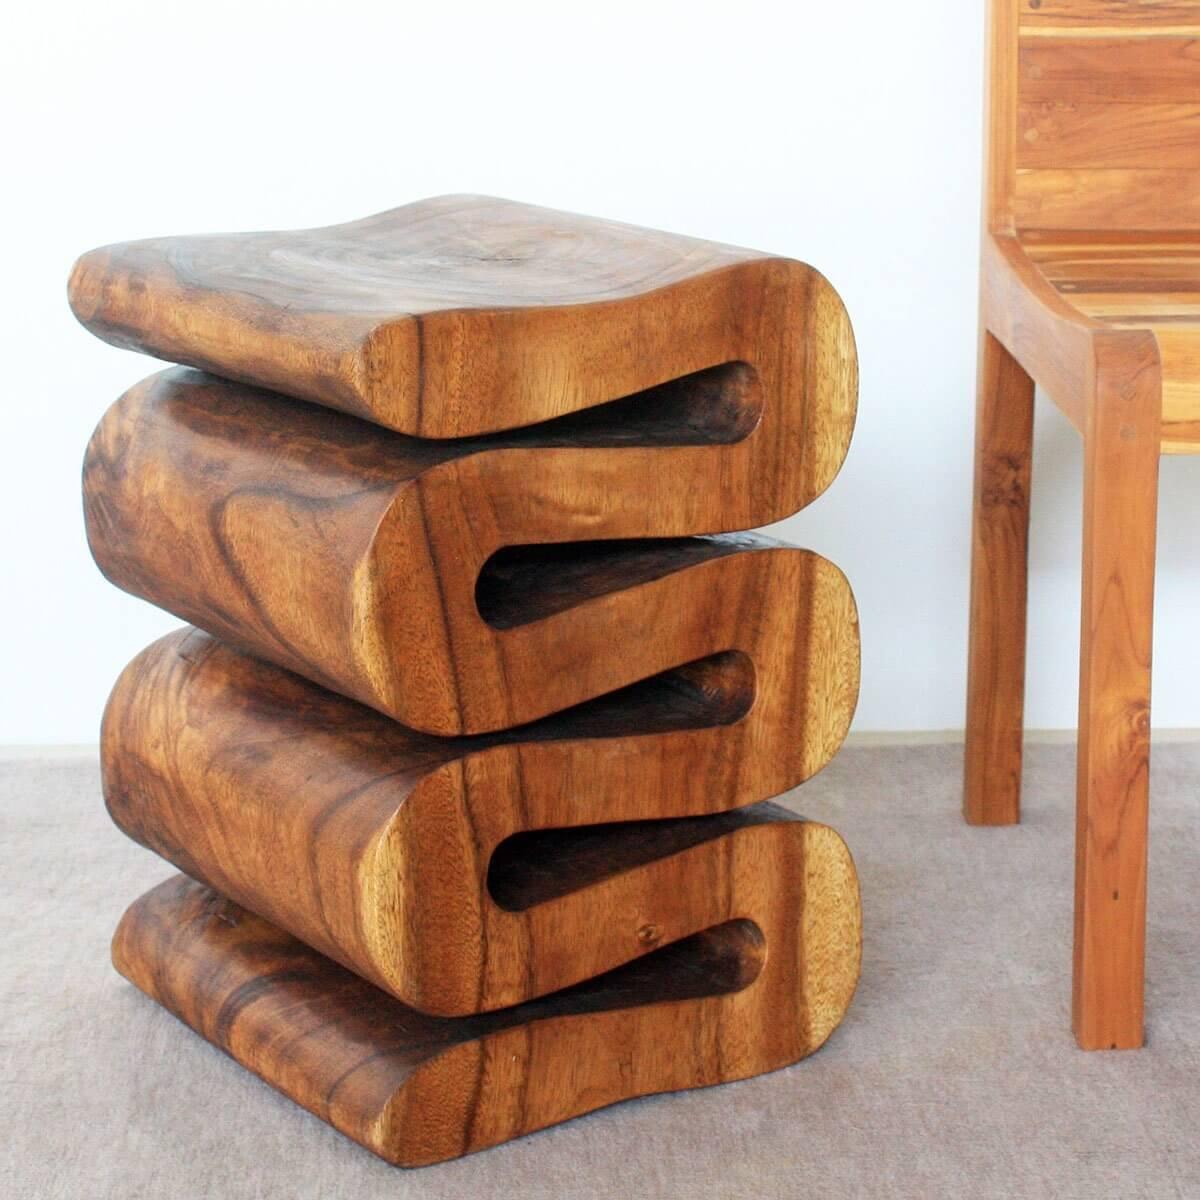 Tree Stump Swerve Twist Table